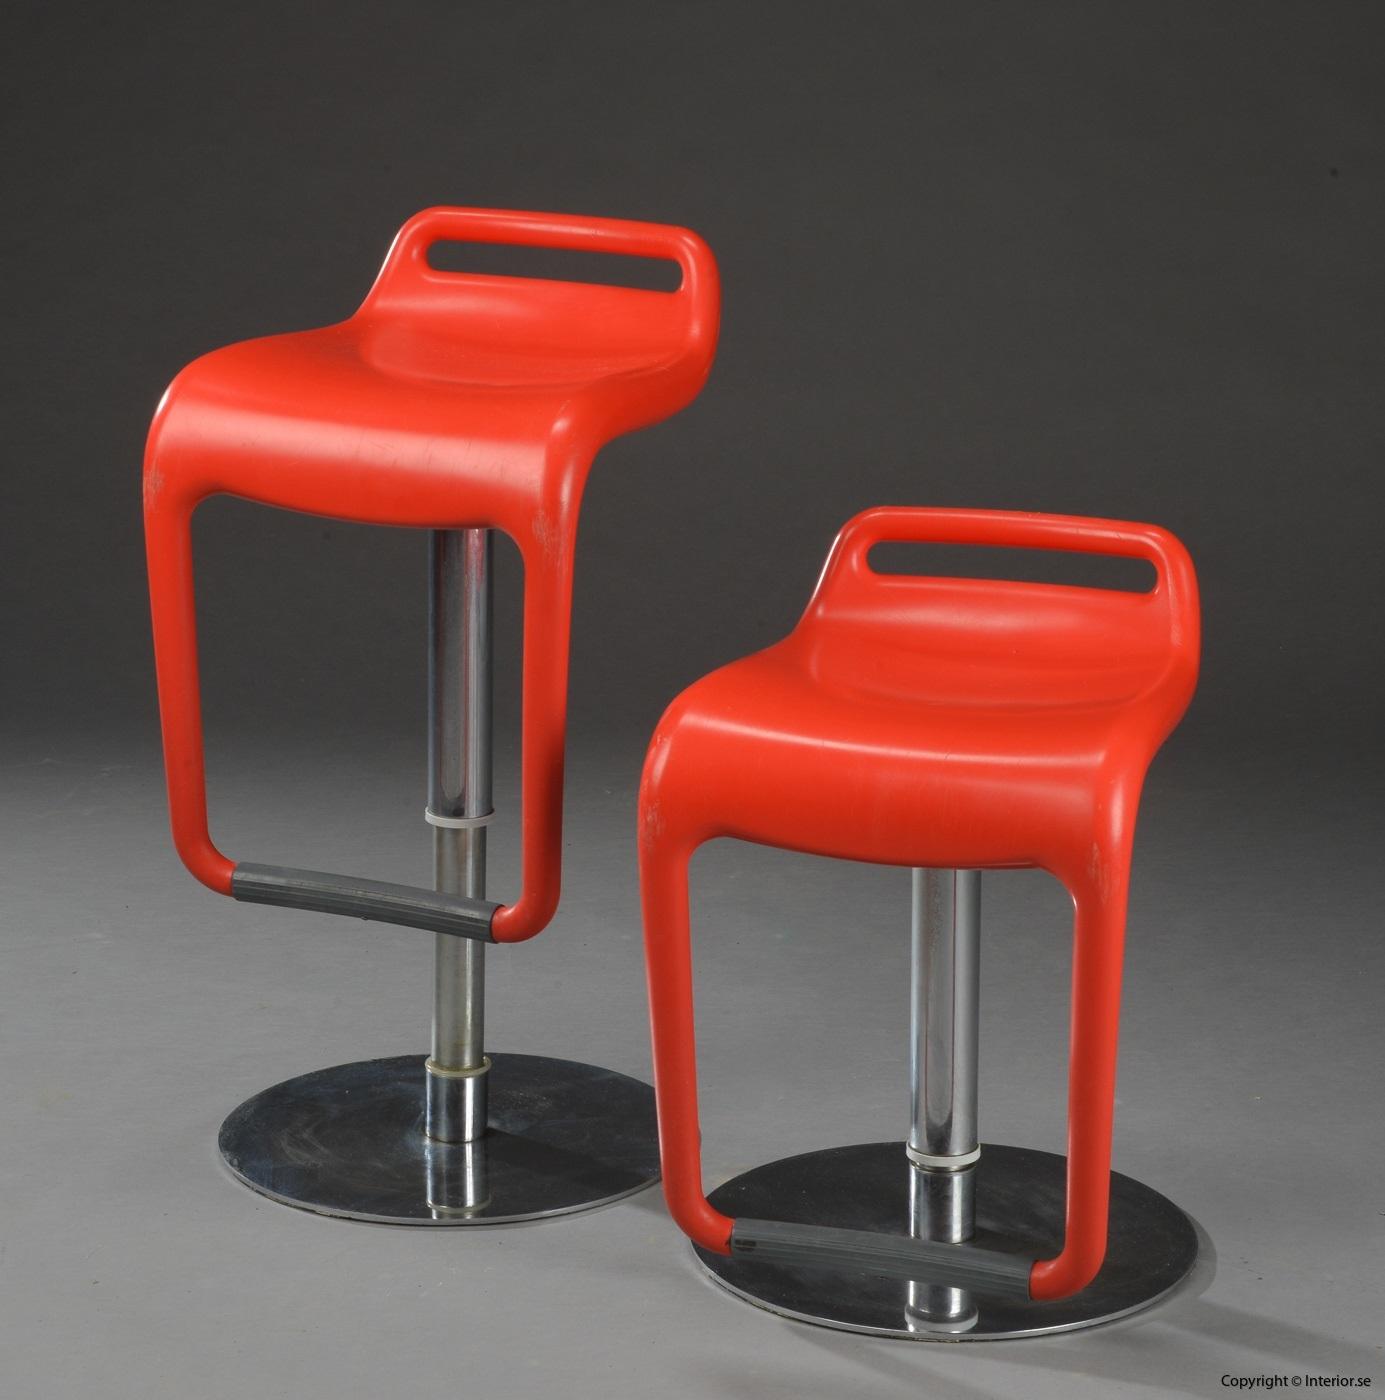 1 Segis Noon Archirivolto design barstol höj och sänkbar begagnade designmöbler